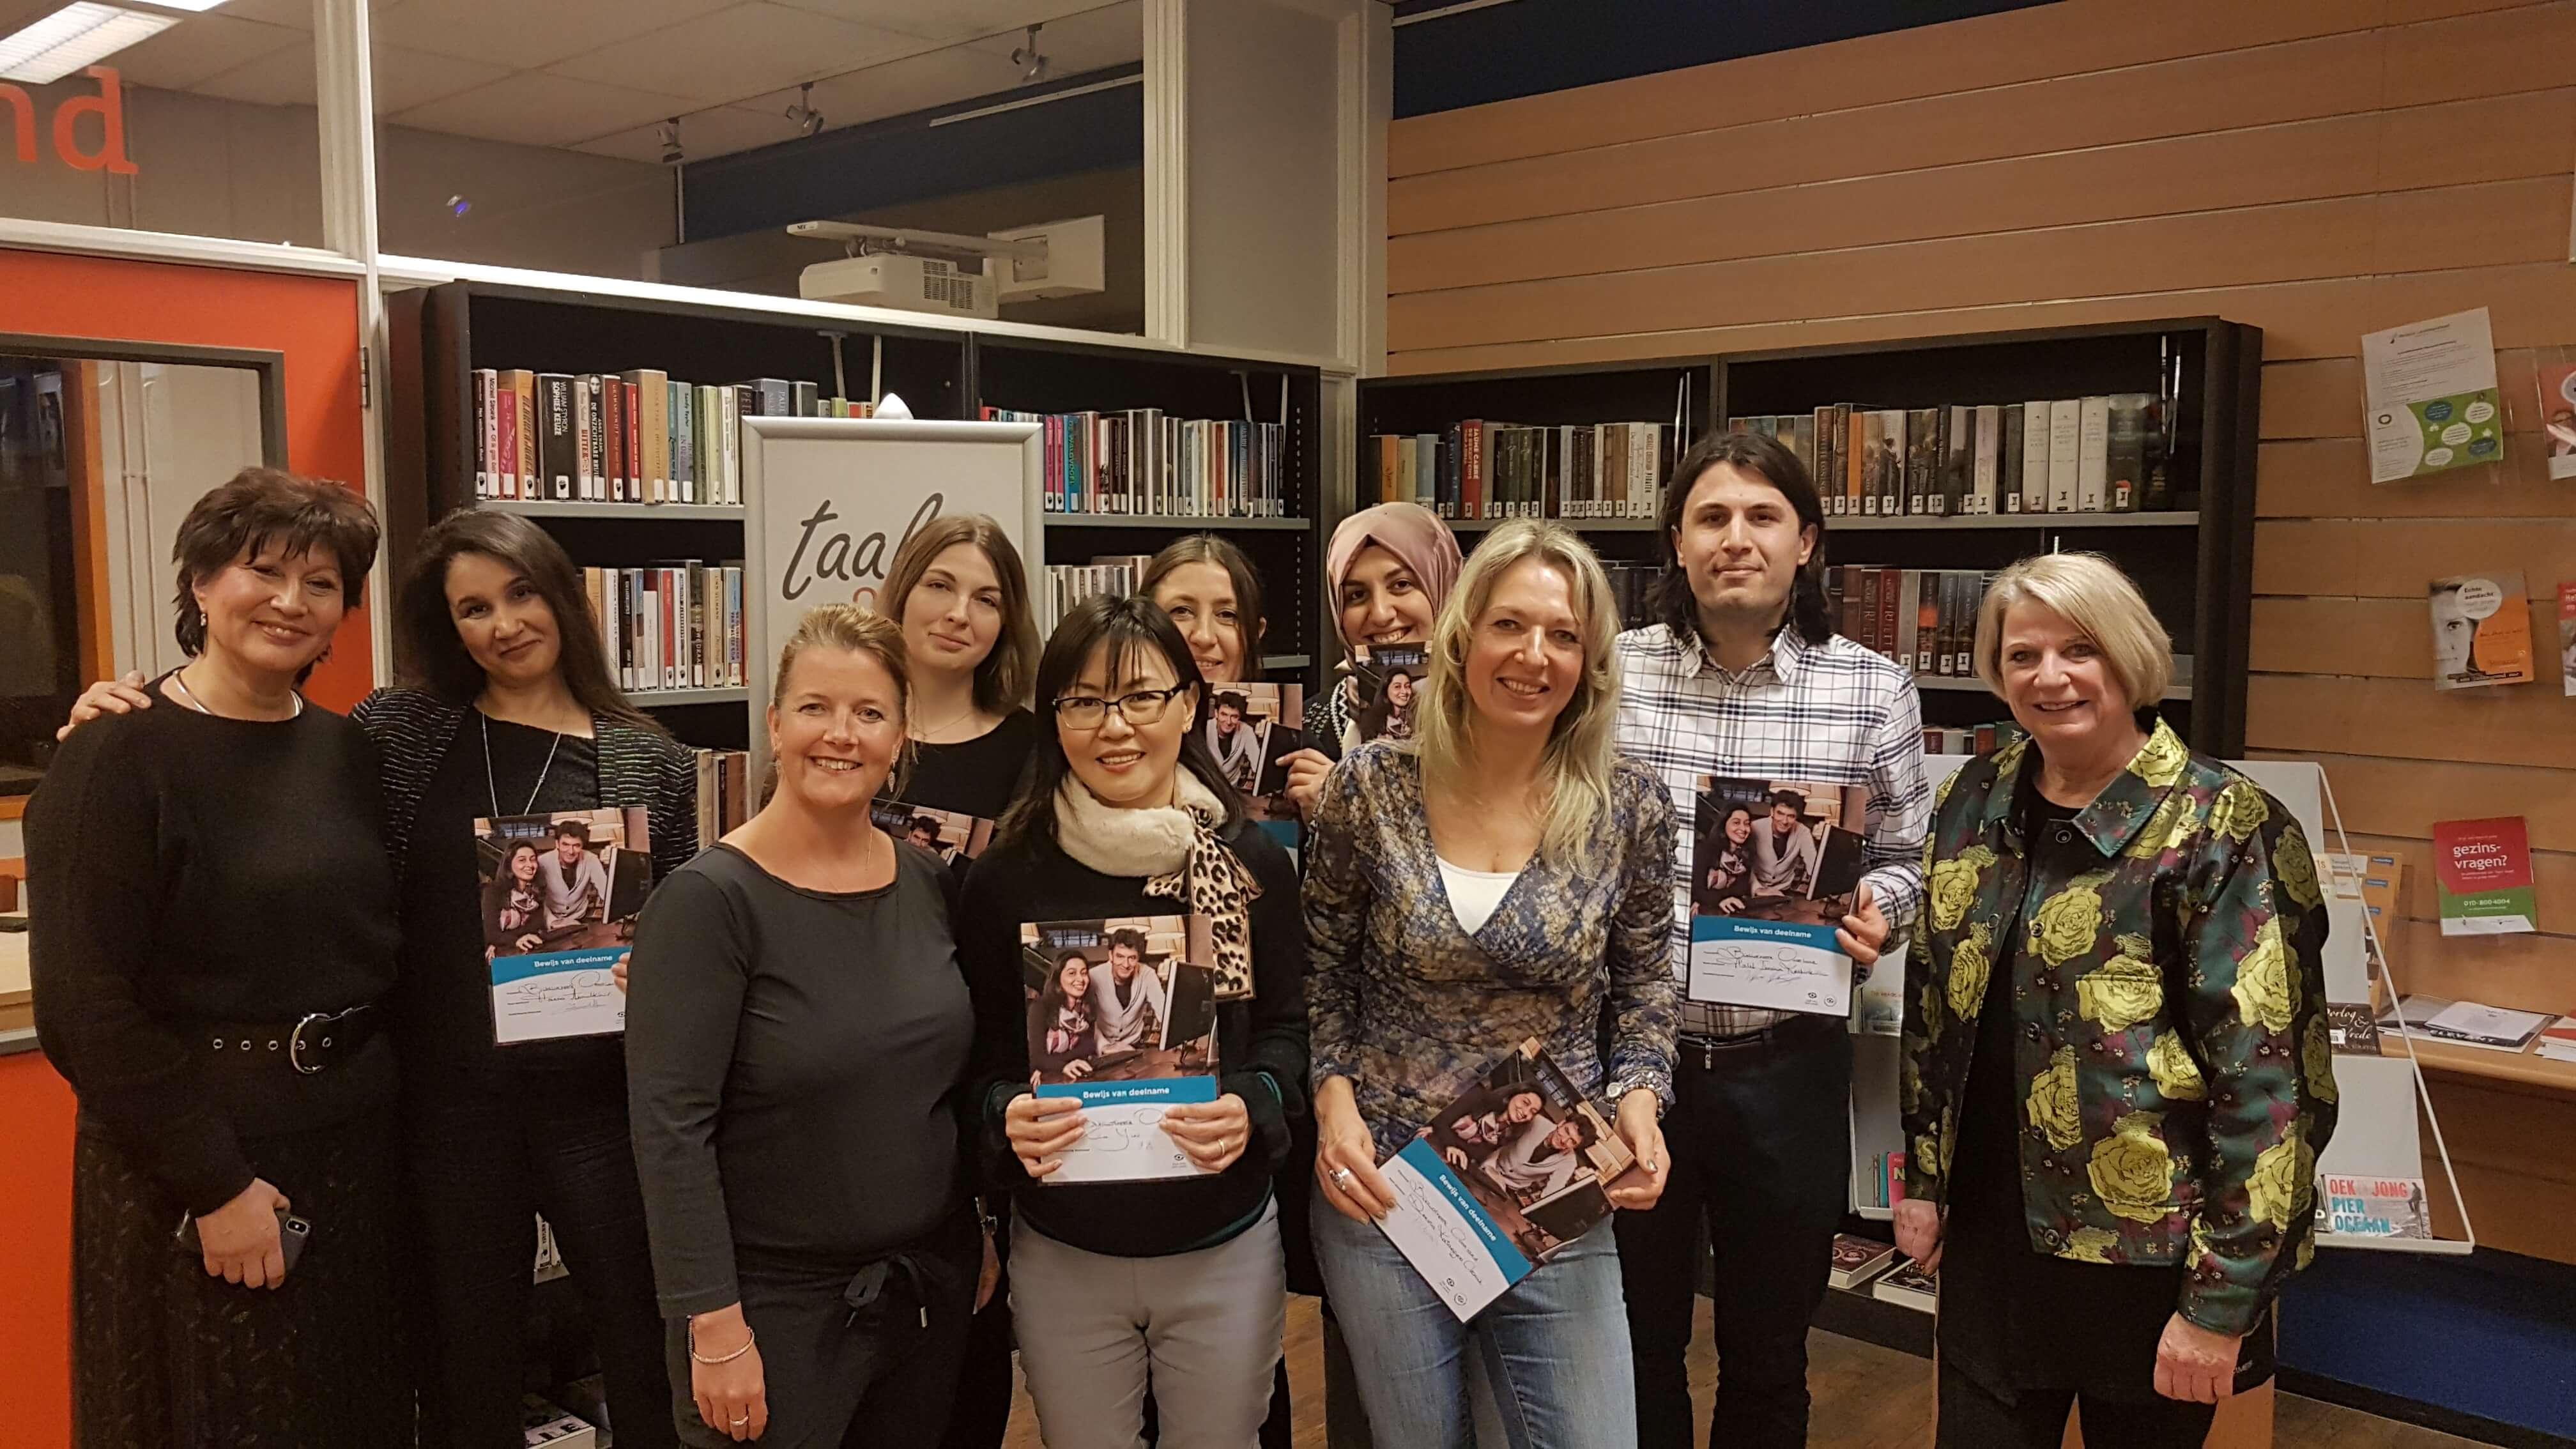 Peggy Scipio en Peta Klaassen met hun 'Op weg naar werk'-cursisten in het Bibliotheek Oostland Taalhuis